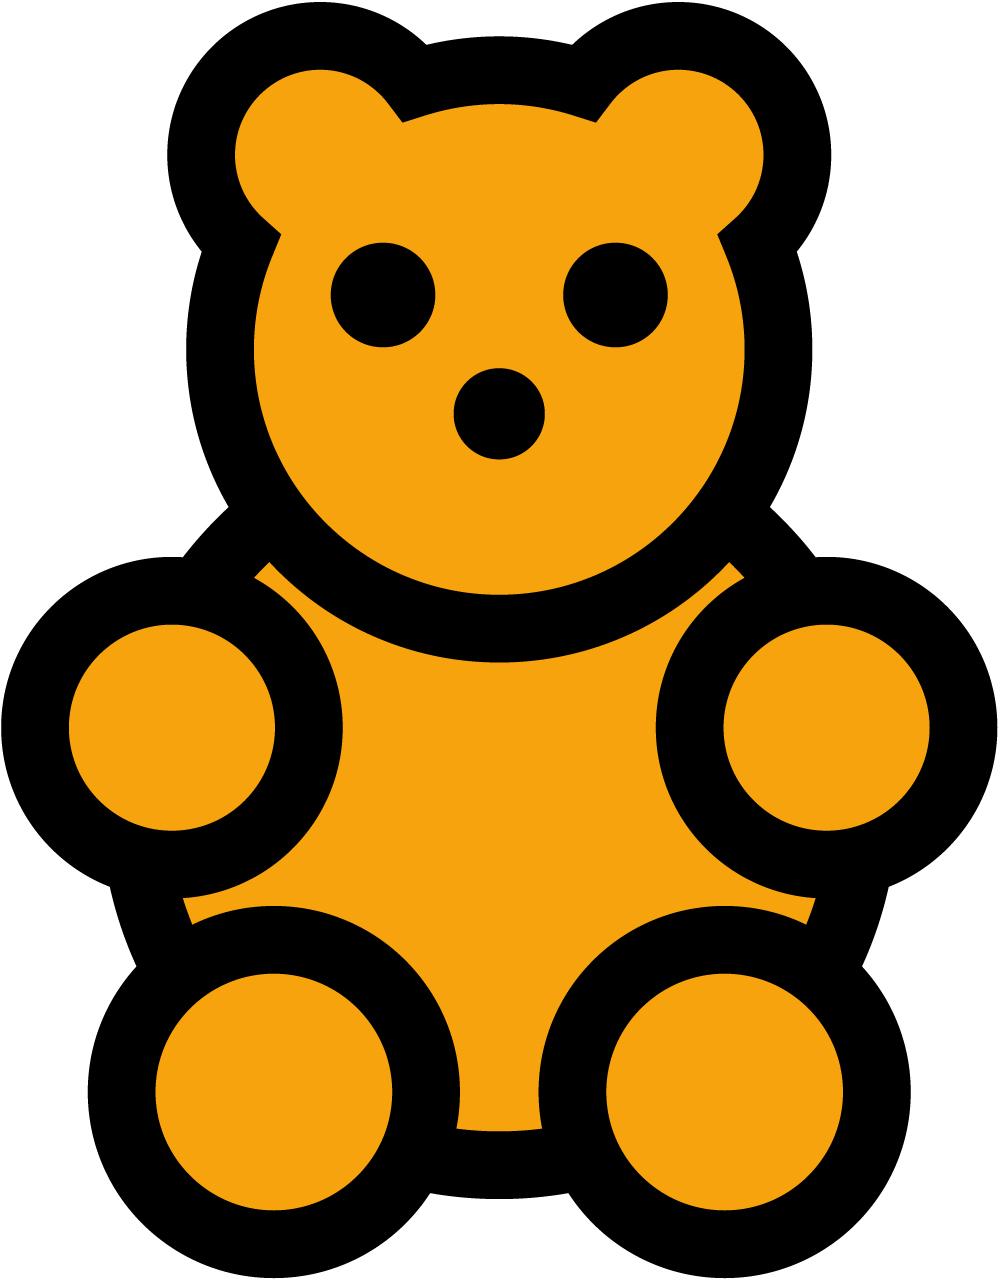 TINKY-BEAR.jpg